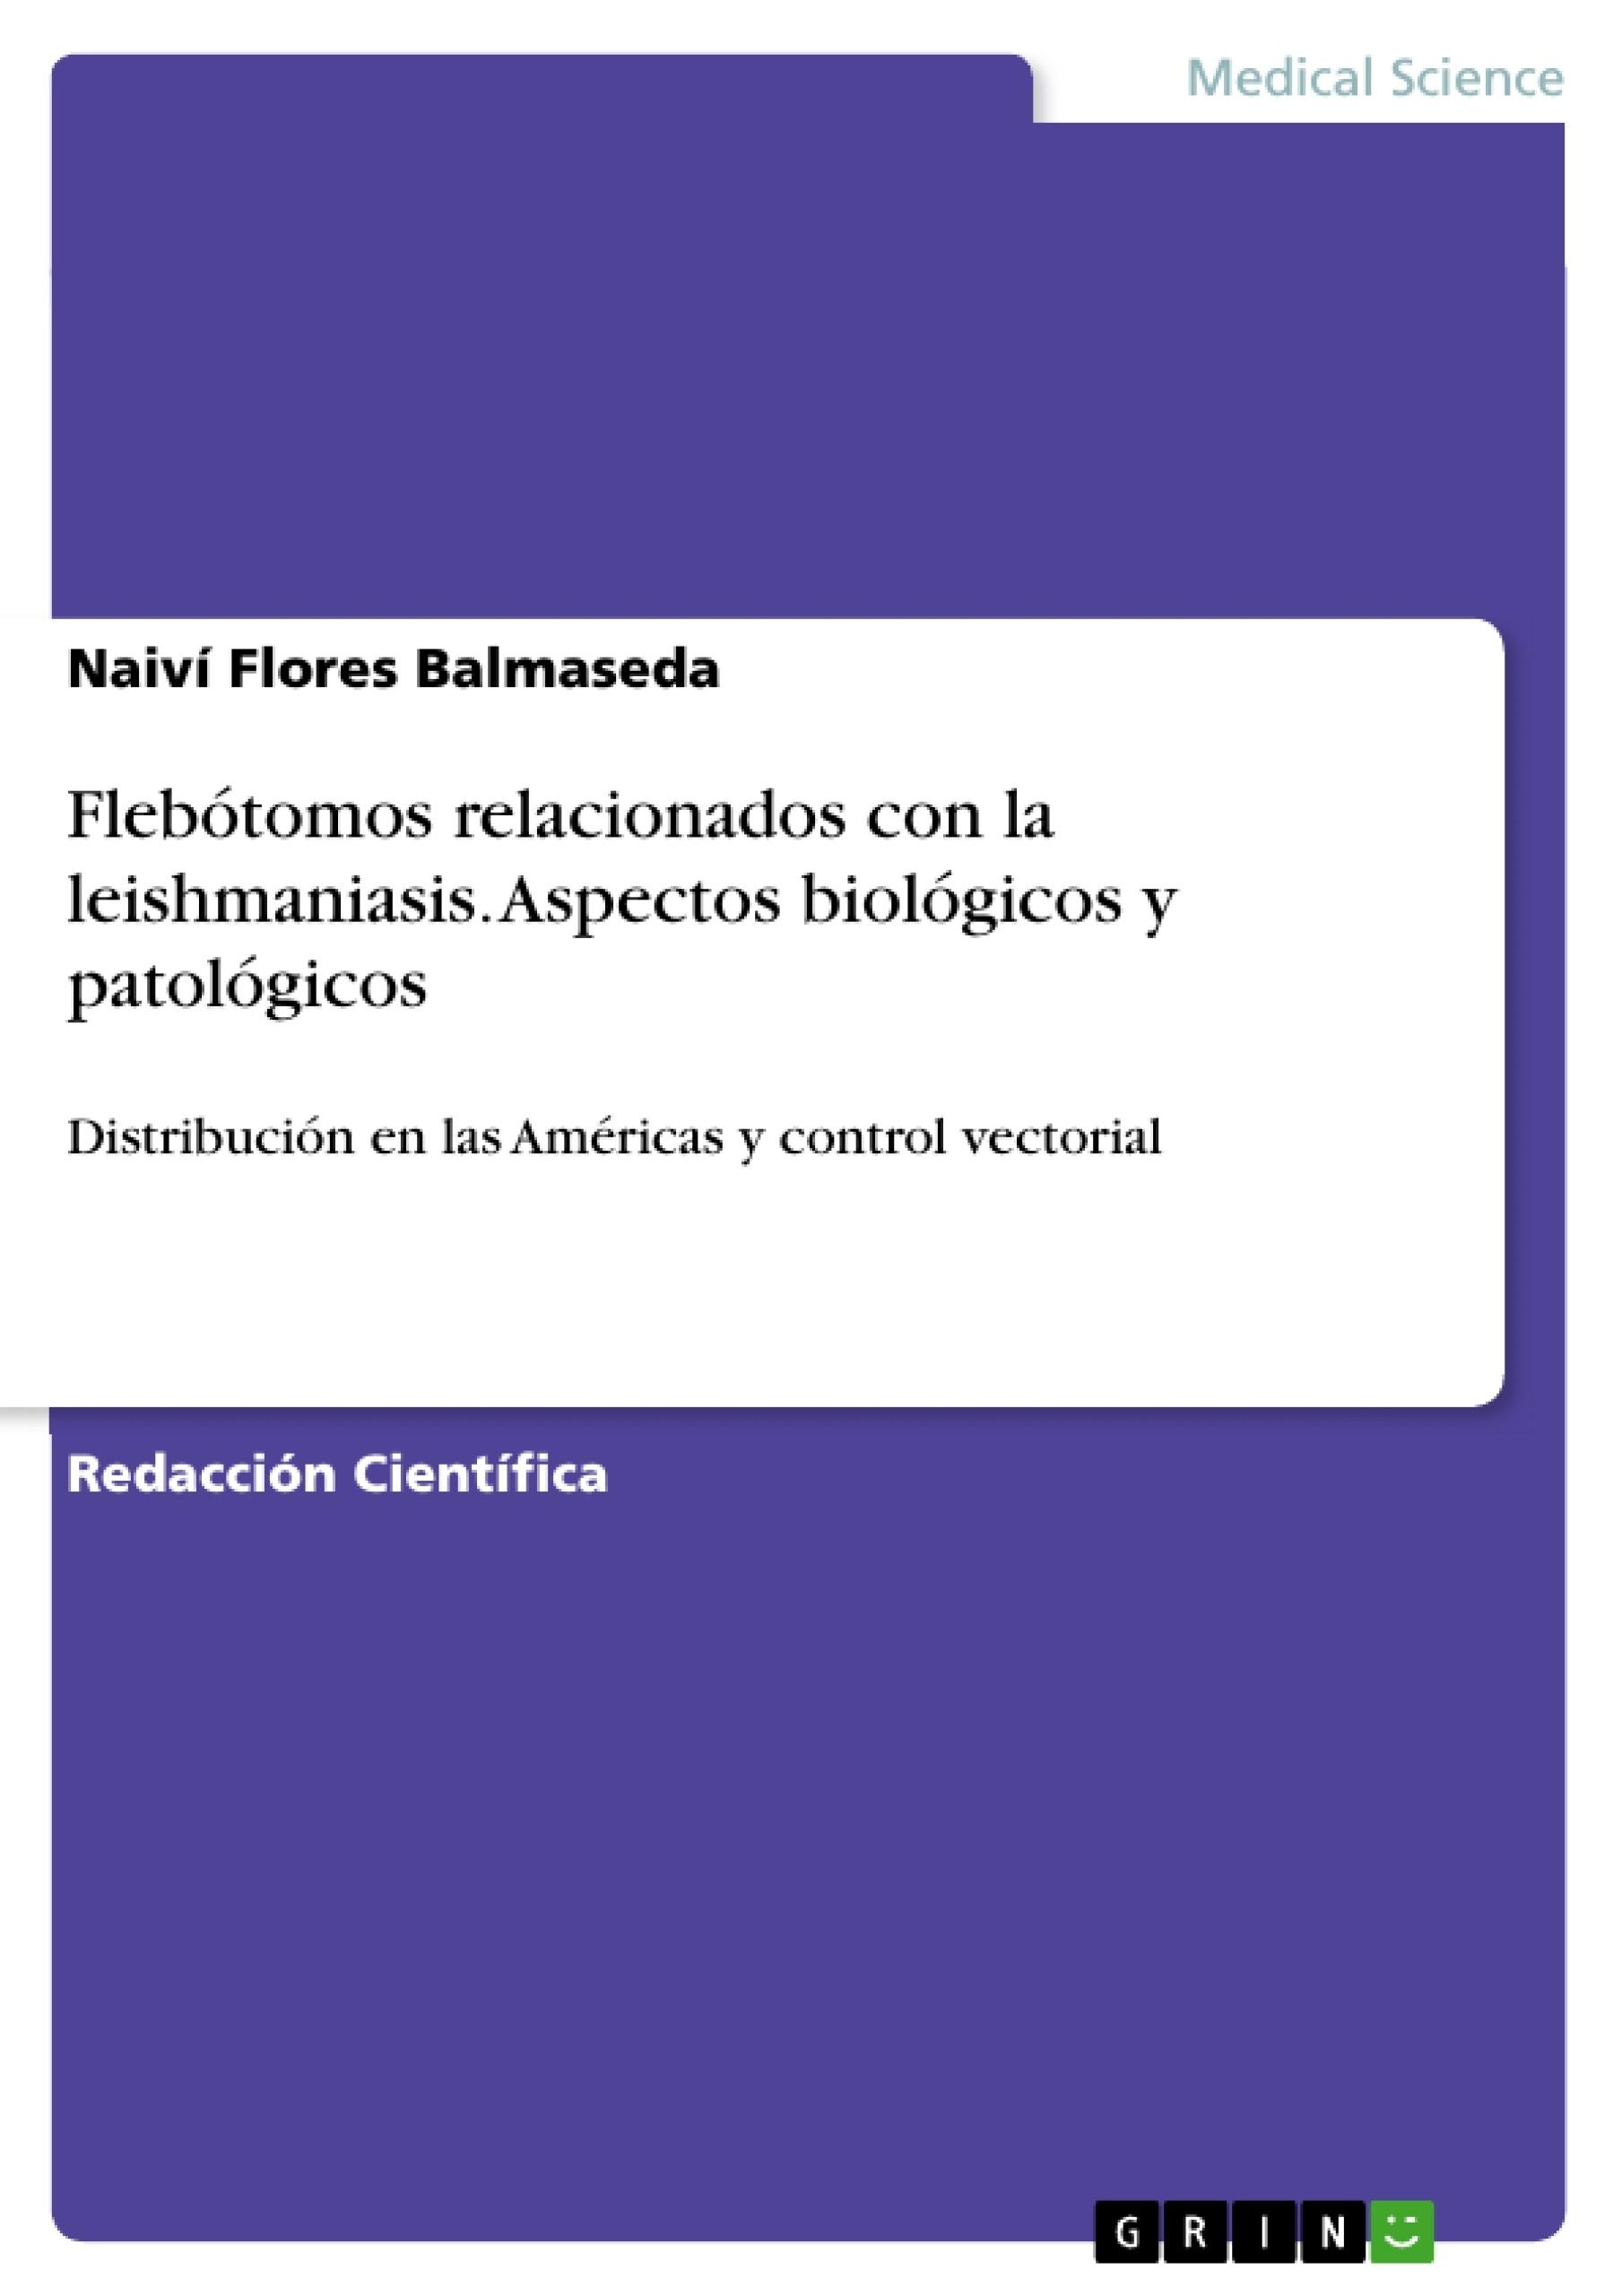 Título: Flebótomos relacionados con la leishmaniasis. Aspectos biológicos y patológicos